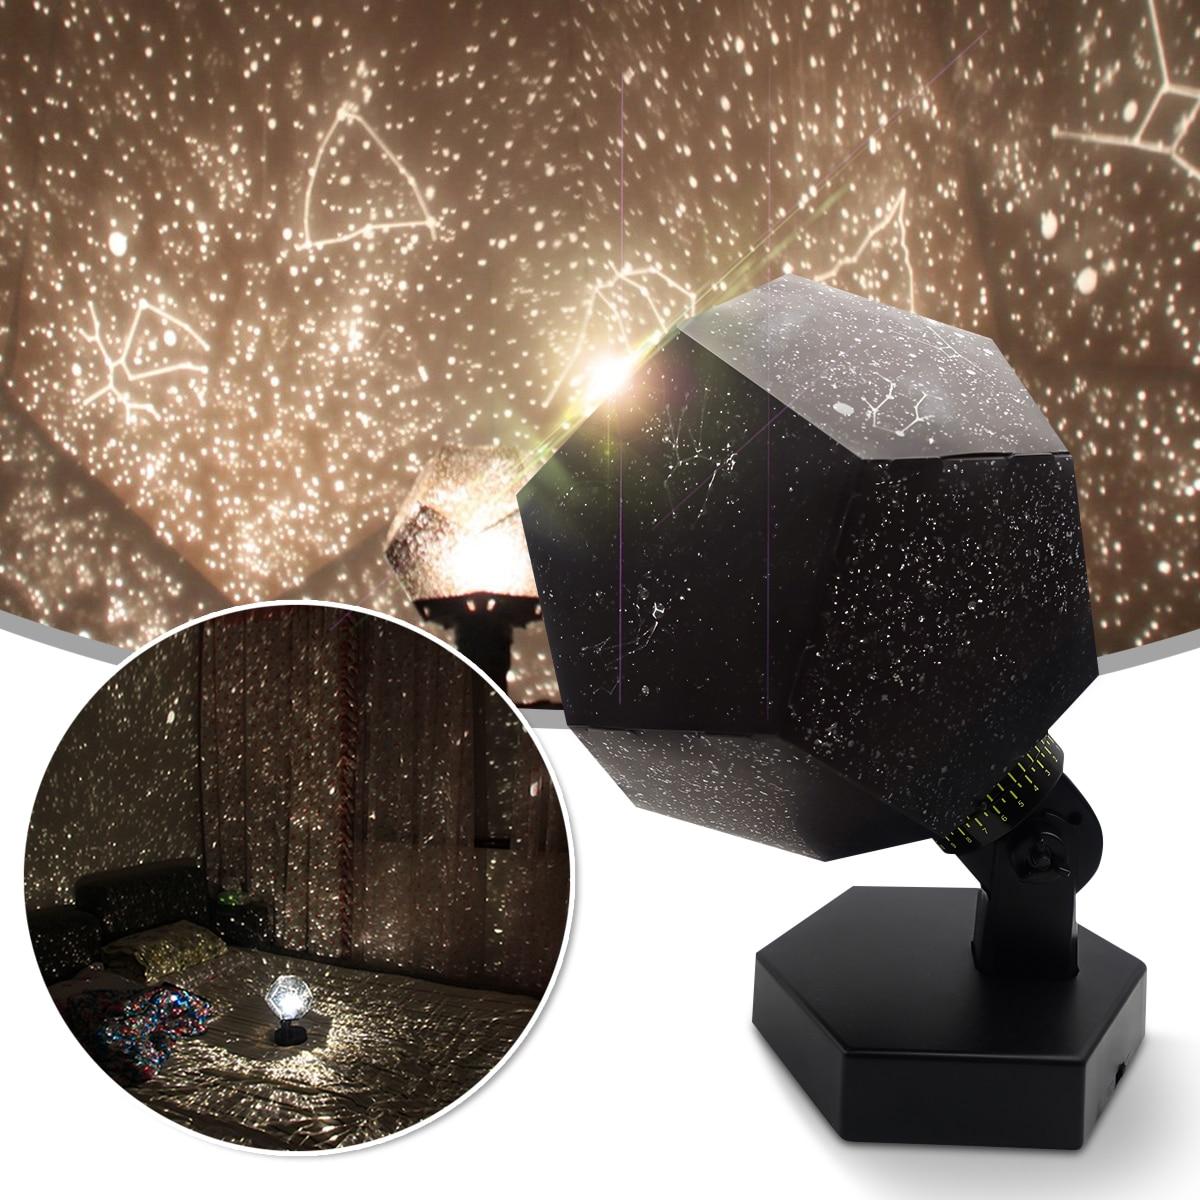 Звездный проектор Astrostar в Грозном